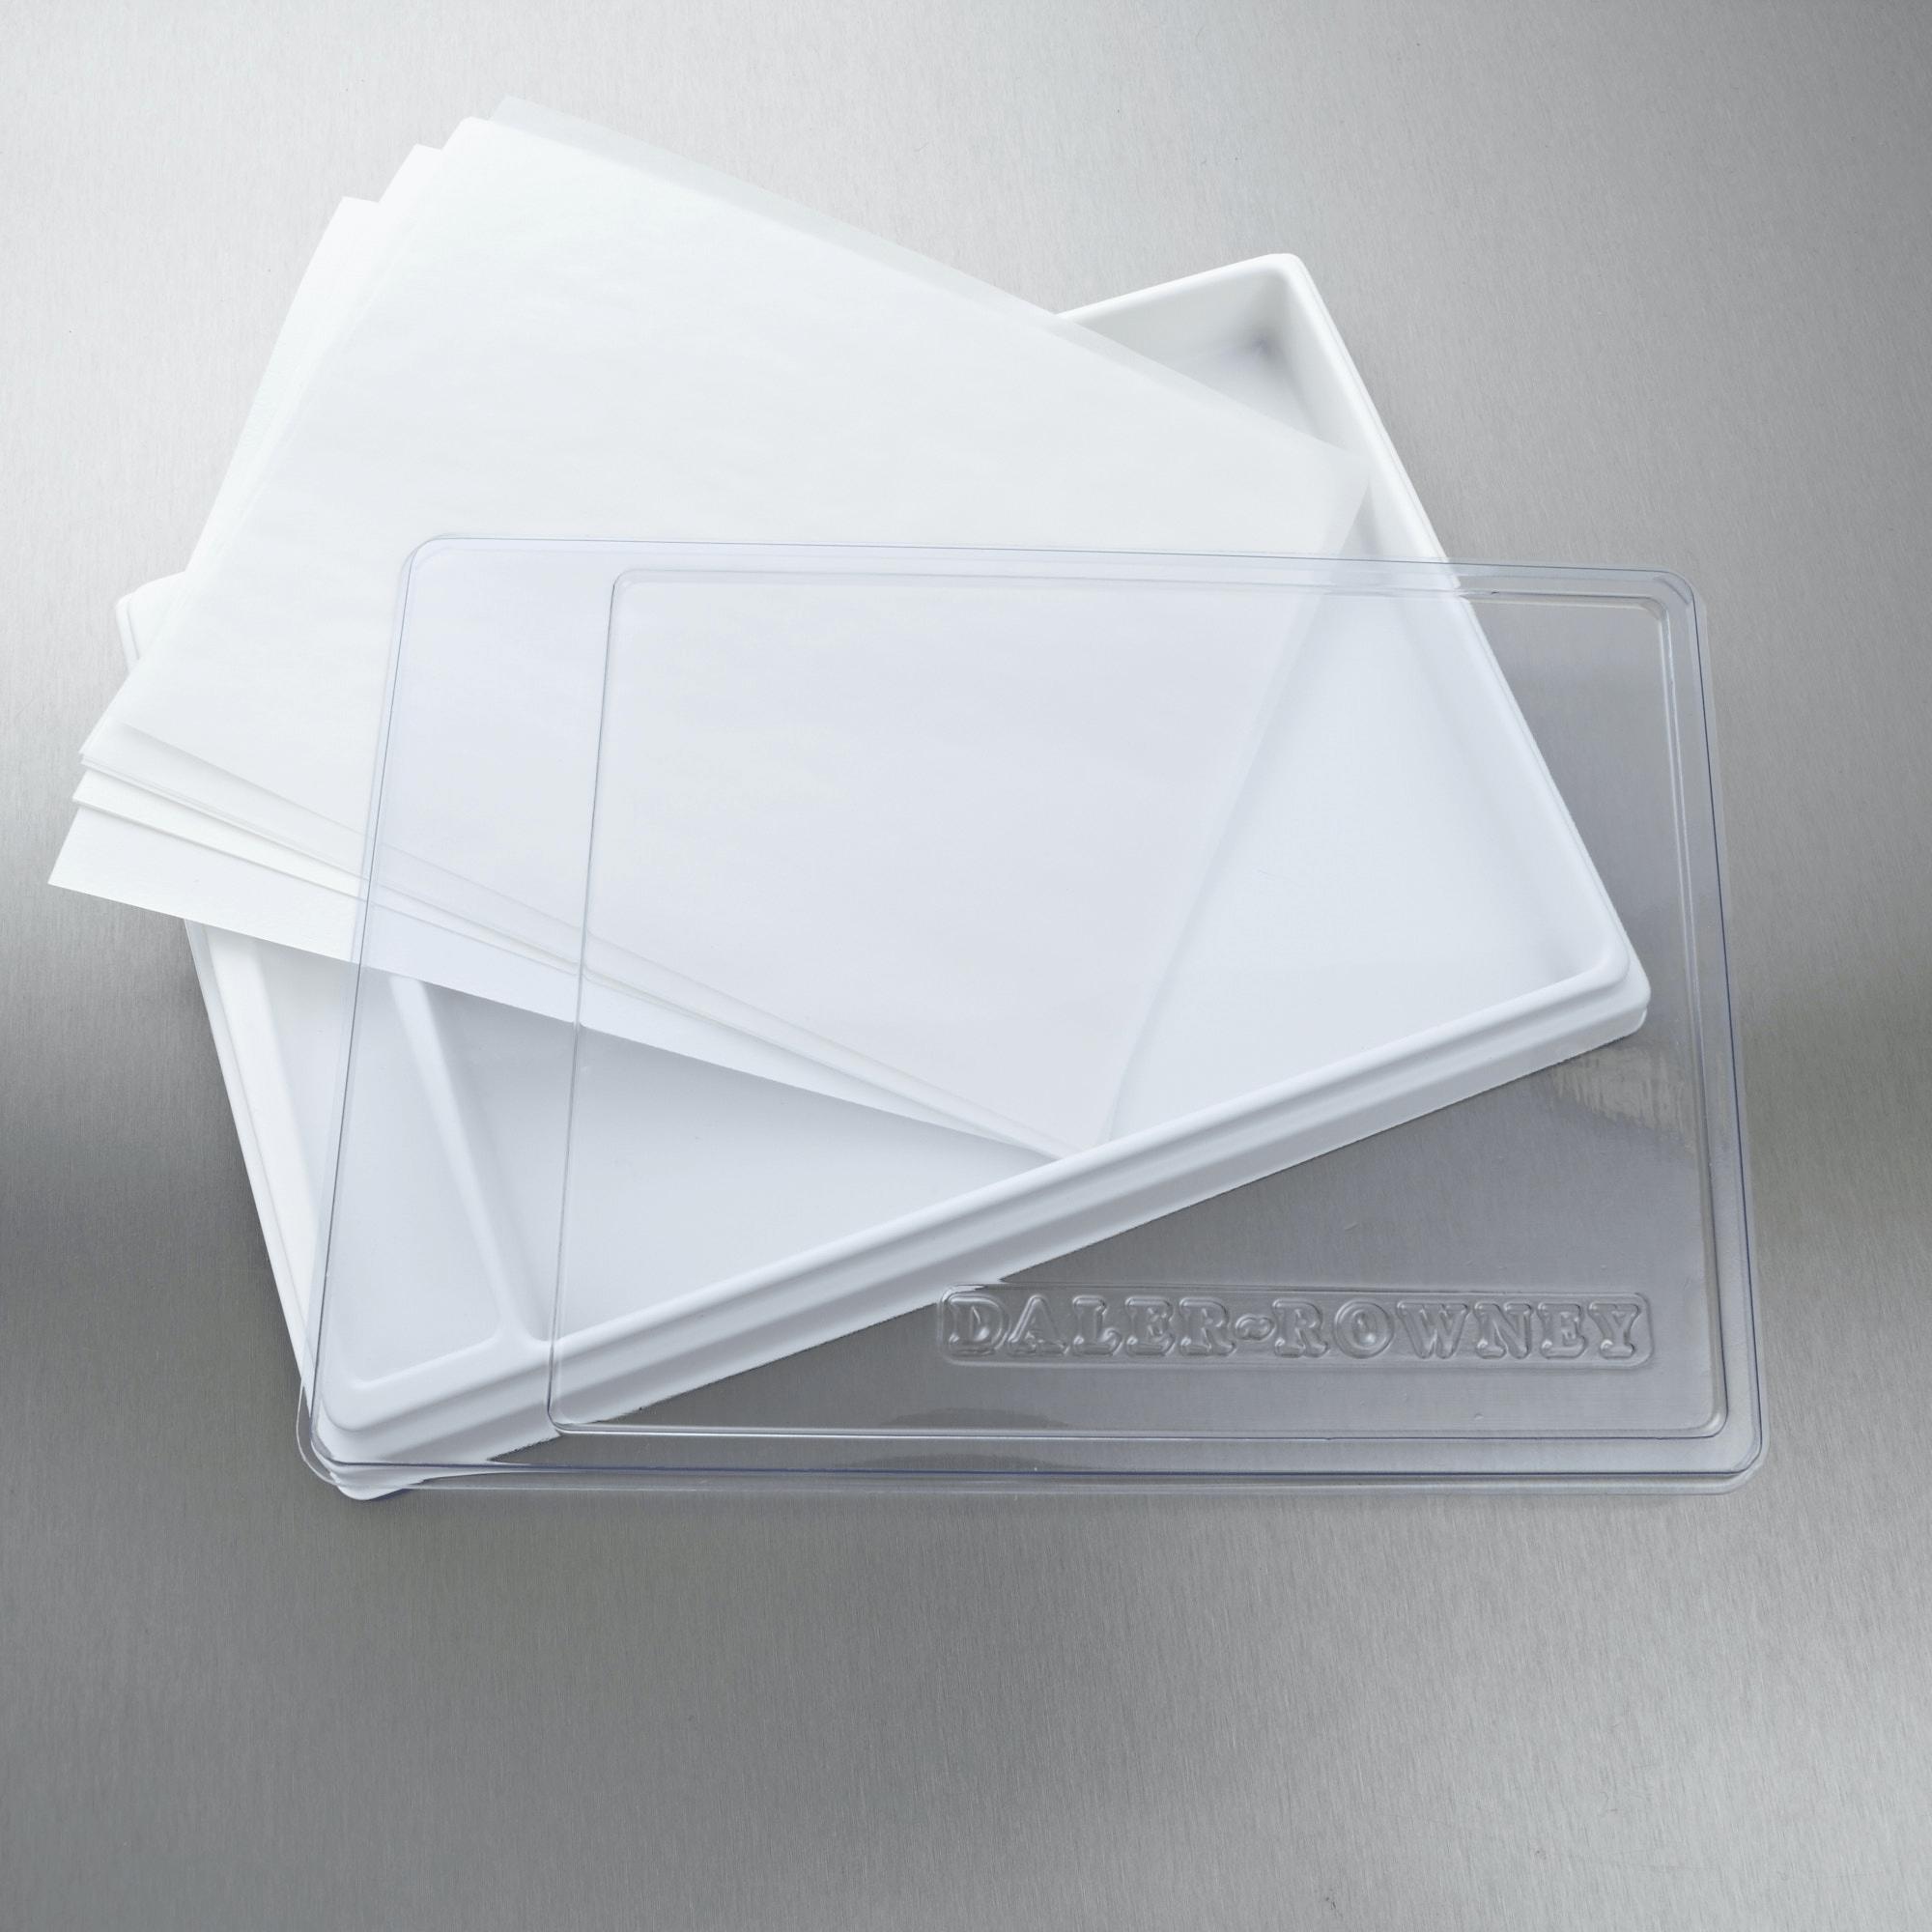 daler rowney saywet palette lid and paper